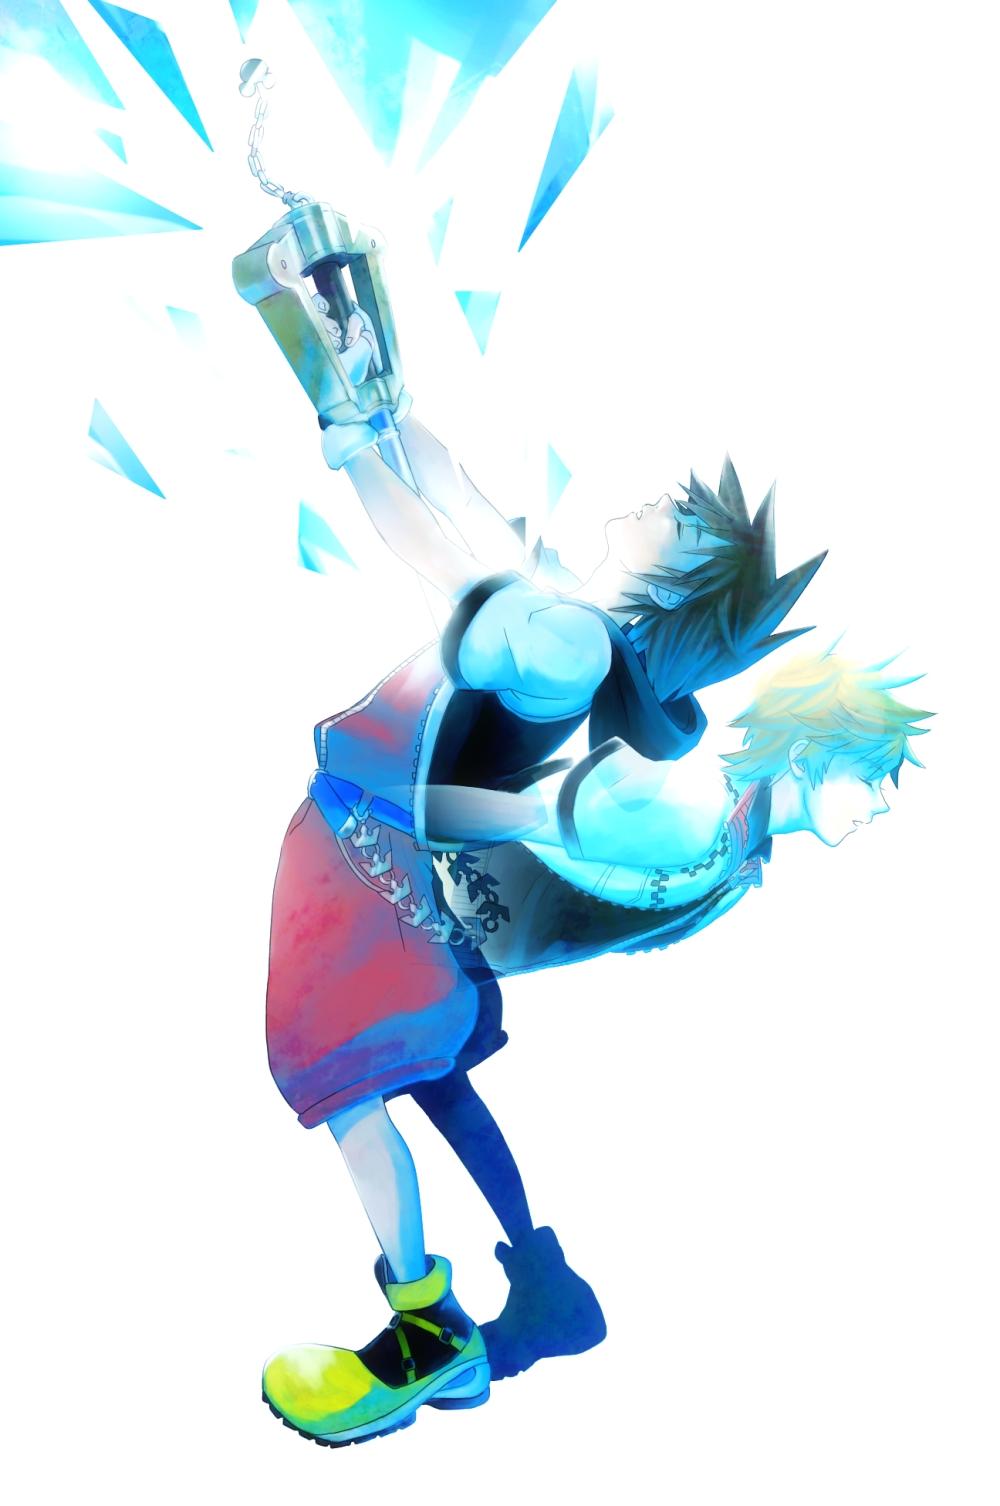 Kingdom Hearts Mobile Wallpaper 1451518 Zerochan Anime Image Board